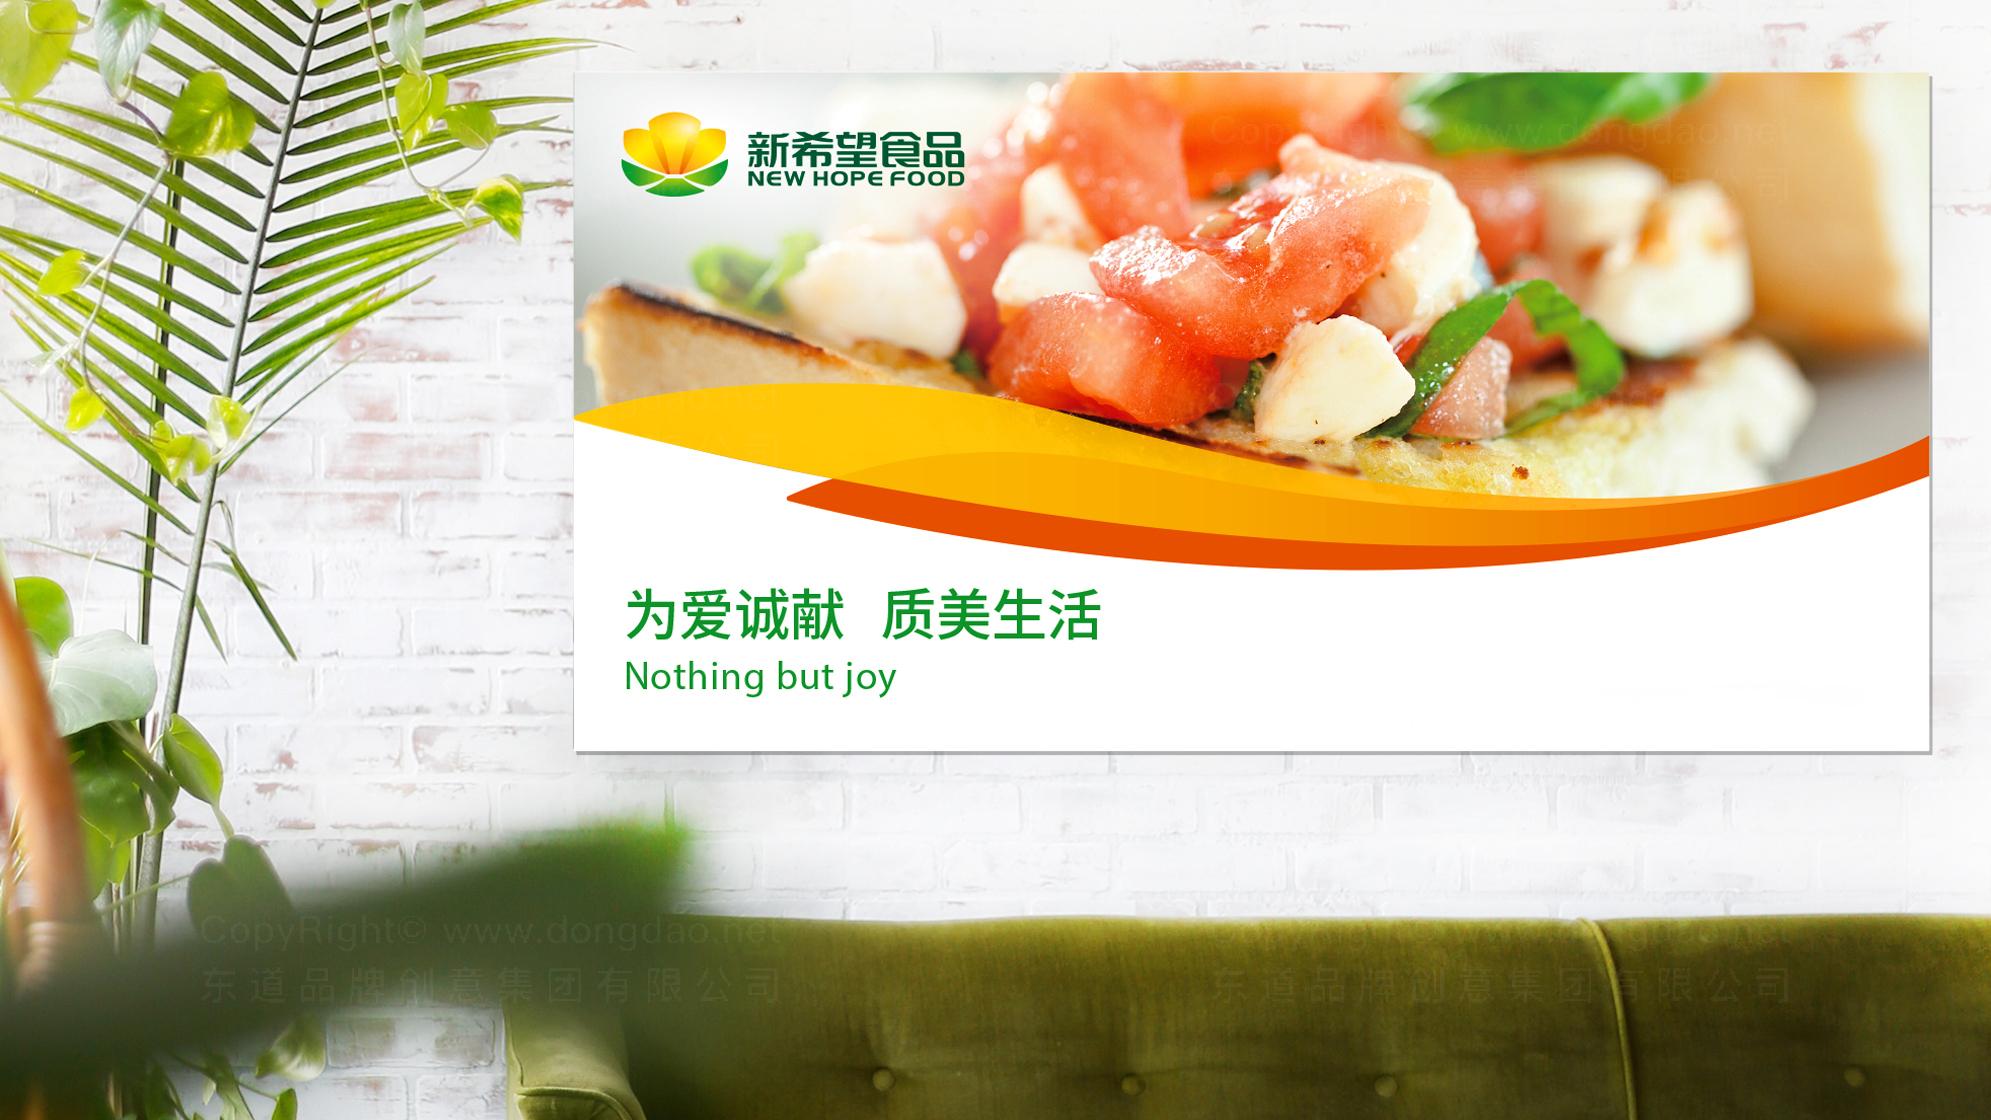 品牌设计新希望食品LOGO&VI设计应用场景_4